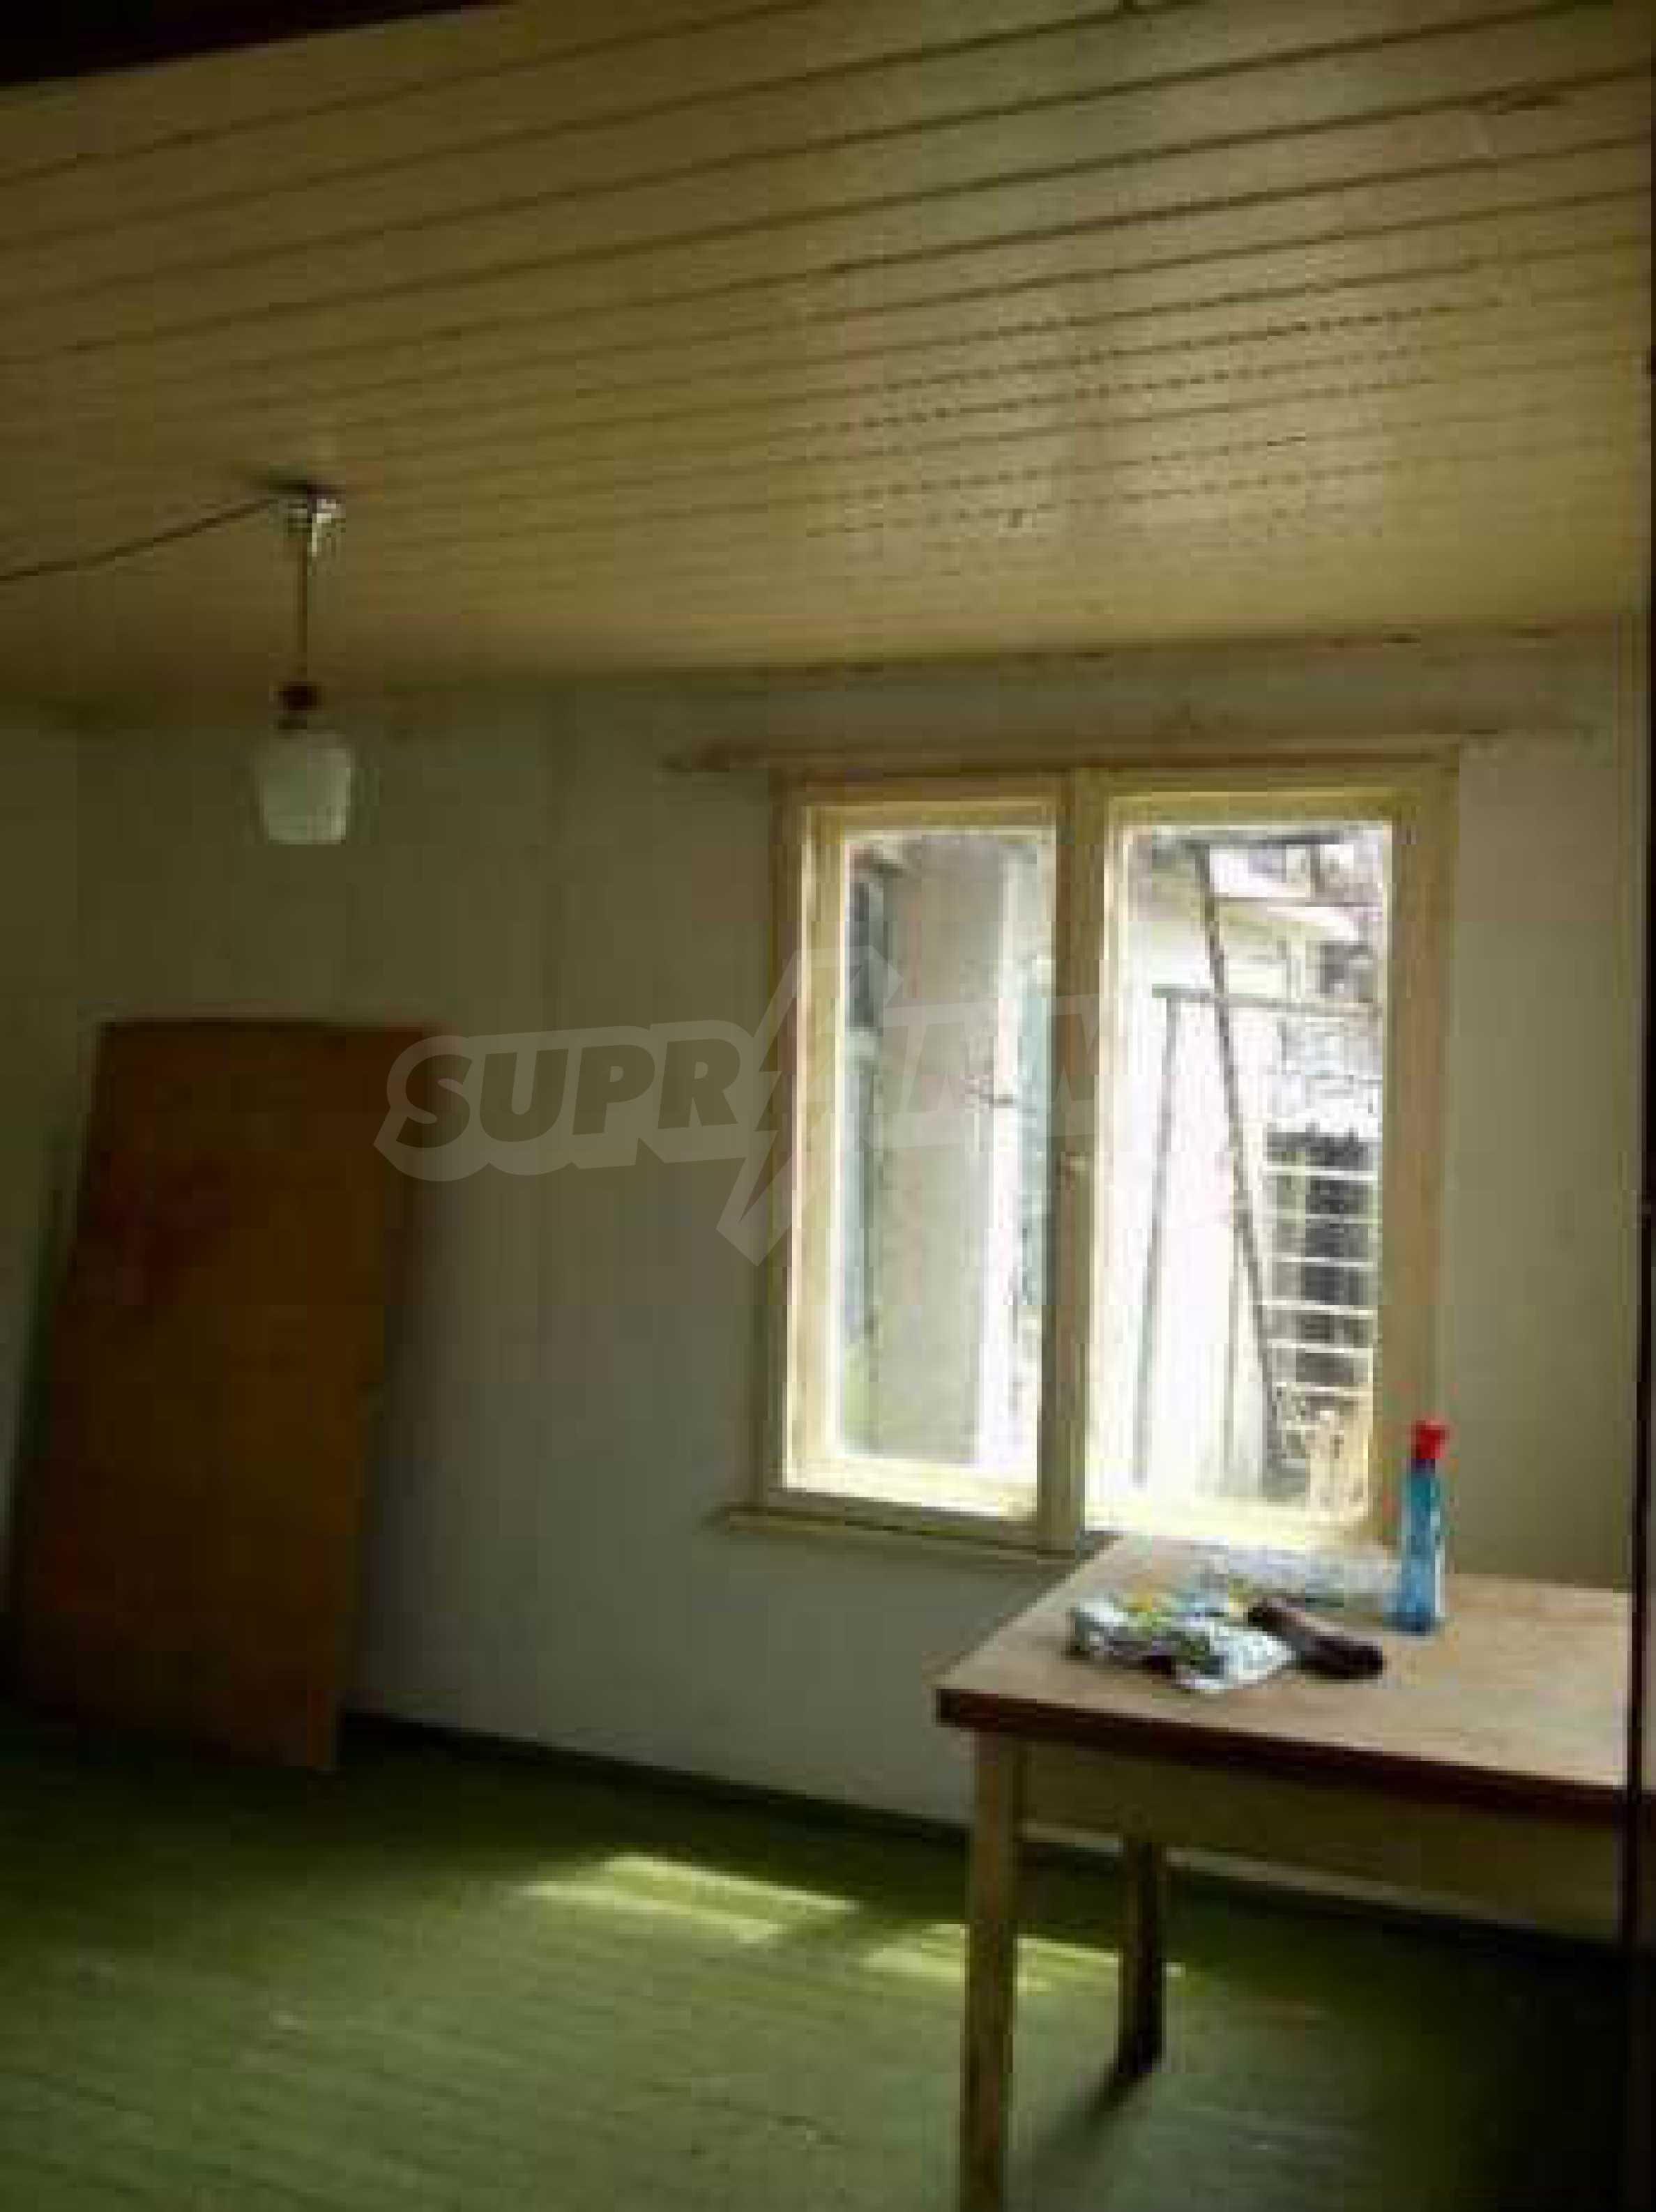 Eдноетажна къща  в село на 11 км от Велико Търново  1